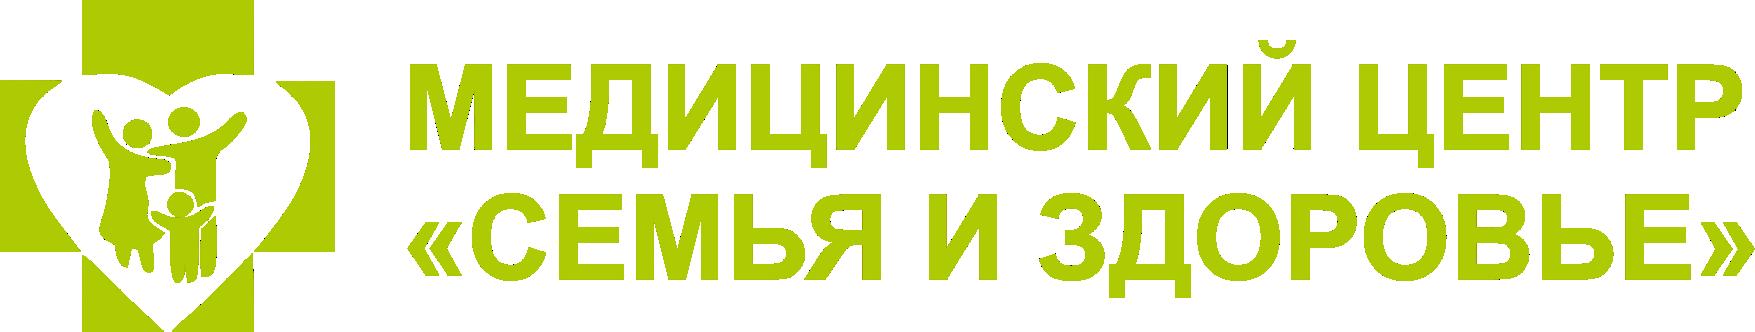 """Медицинский центр """"СЕМЬЯ И ЗДОРОВЬЕ"""""""